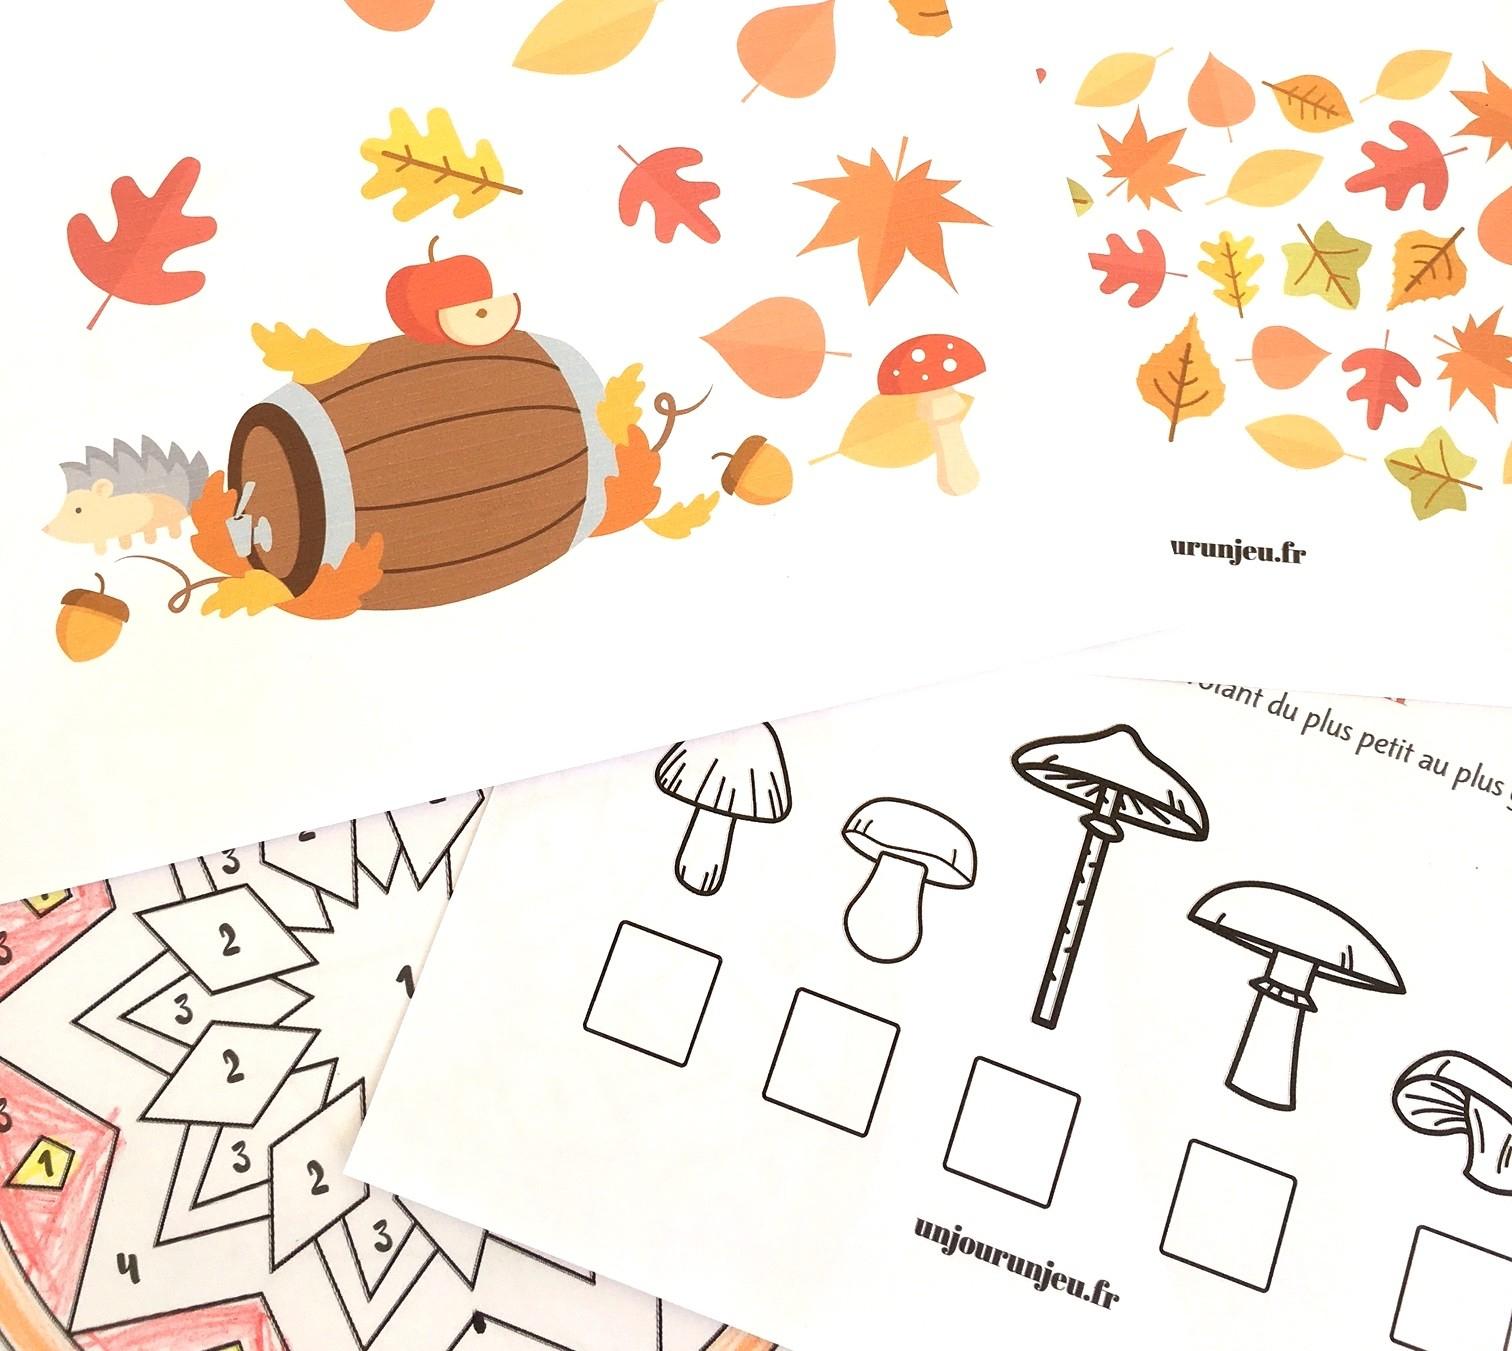 Votre Cahier D'activités De L'automne À Télécharger Gratuitement tout Jeux Bébé 2 Ans Gratuit A Telecharger